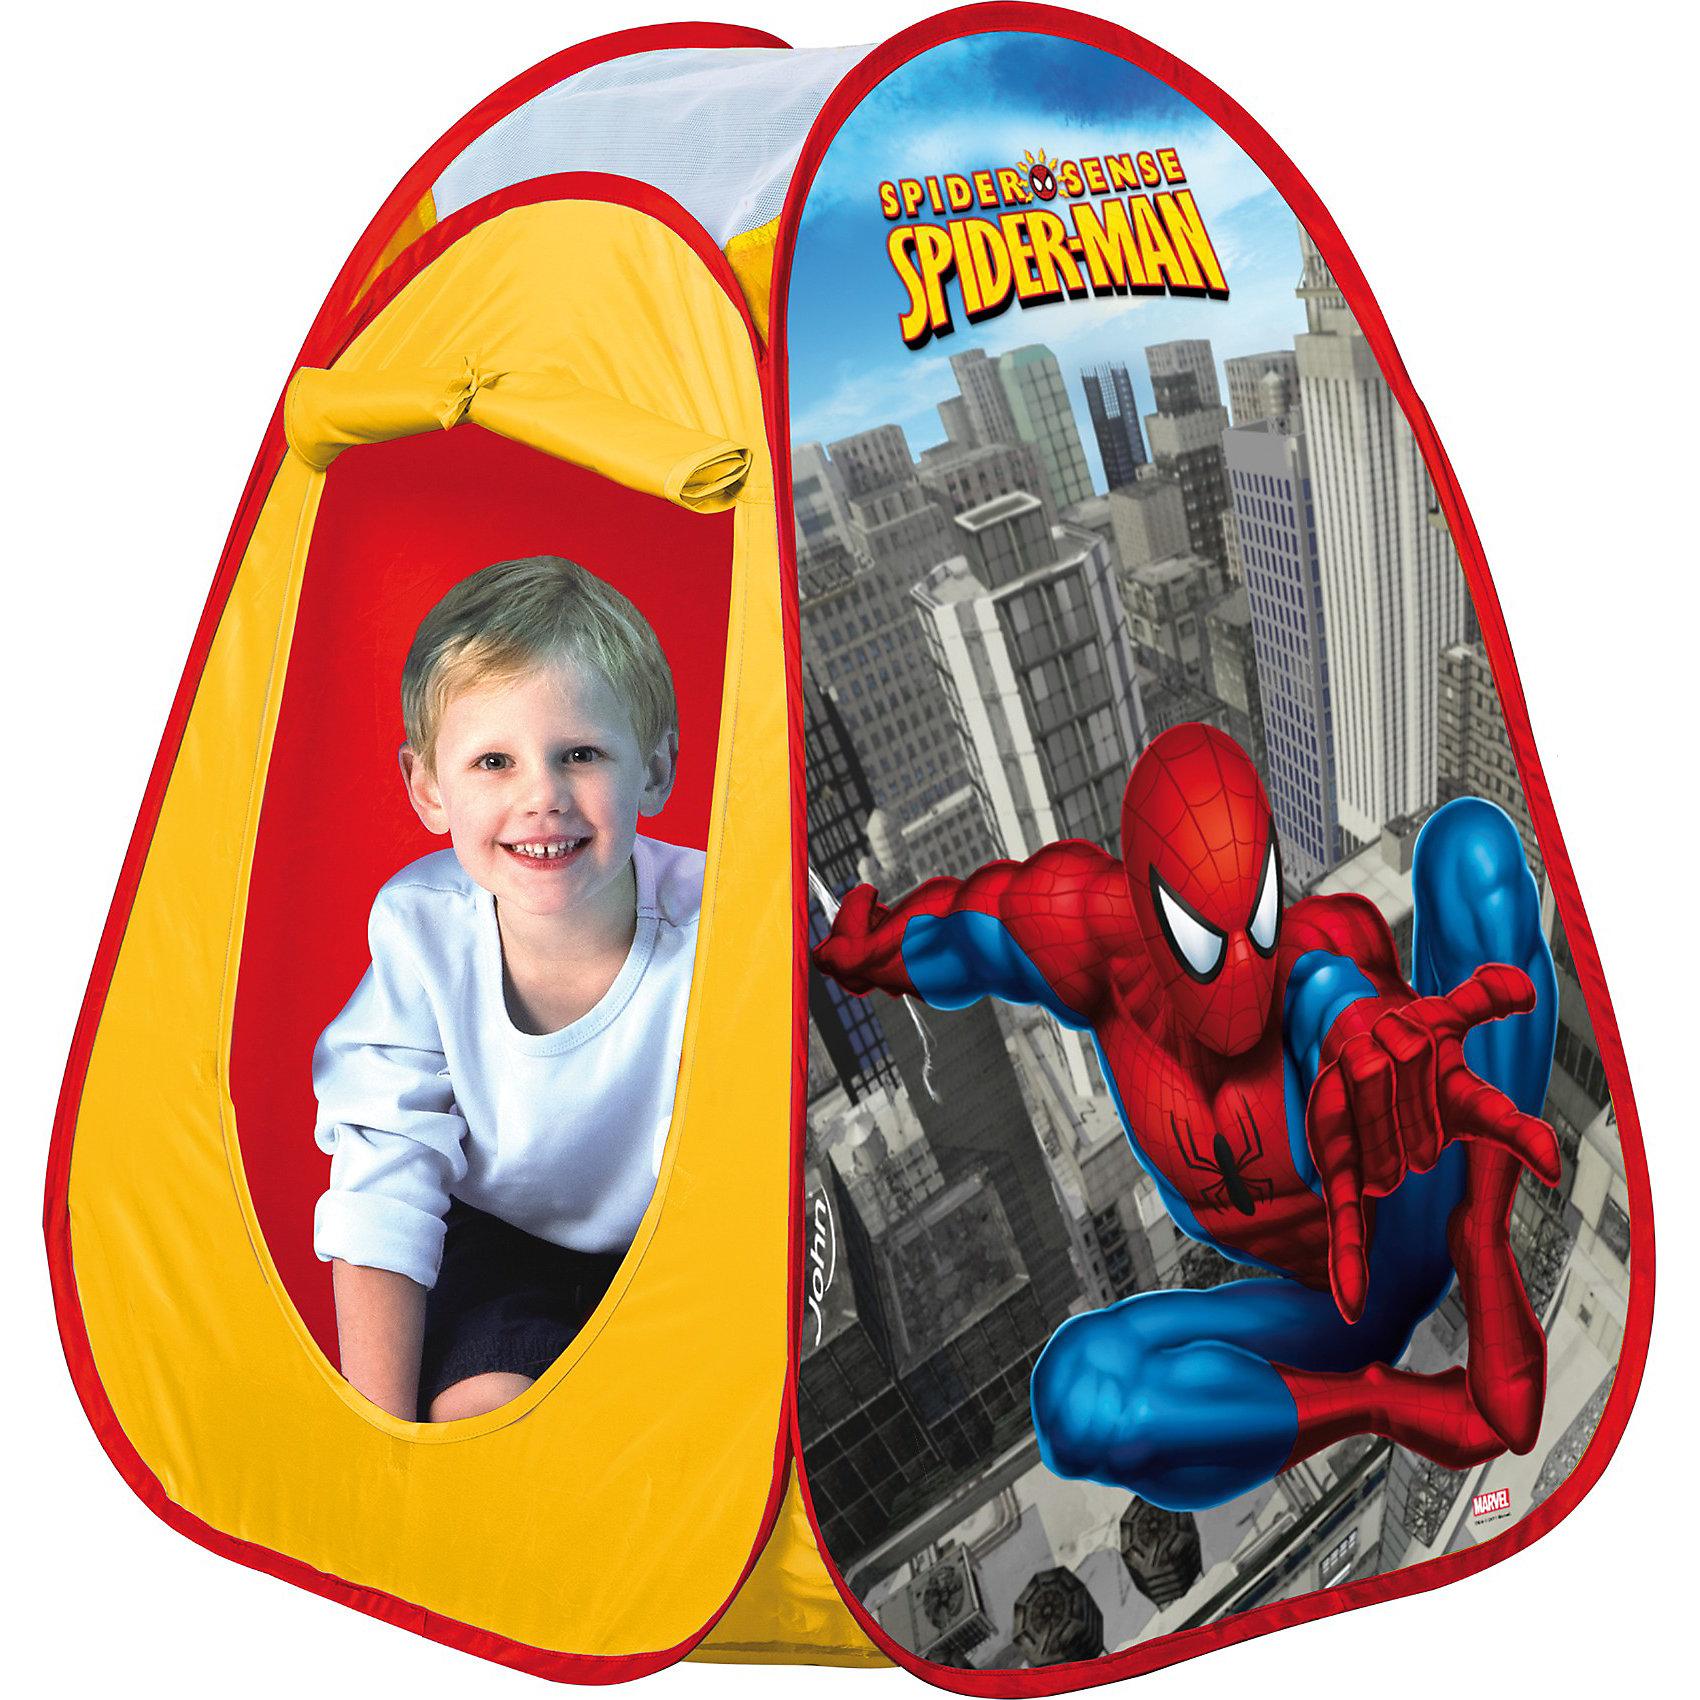 Палатка Человек-Паук, 75*75*90 см, JOHNПрекрасная яркая палатка для игр в саду. Палатка защитит Вашего ребенка от солнца и небольших атмосферных осадков. Удобно и быстро собирается и разбирается, имеет водоотталкивающую наружную ткань и пол из прочного синтетического материала.<br><br>Дополнительная информация: <br><br>- Возраст: от 3 лет.<br>- Орнамент: человек-паук.<br>- Материал: текстиль.<br>- Размер конуса: 75х75х90 см.<br><br>Купить палатку Человек-Паук от JOHN,  можно в нашем магазине.<br><br>Ширина мм: 388<br>Глубина мм: 380<br>Высота мм: 58<br>Вес г: 768<br>Возраст от месяцев: 24<br>Возраст до месяцев: 72<br>Пол: Мужской<br>Возраст: Детский<br>SKU: 2536194